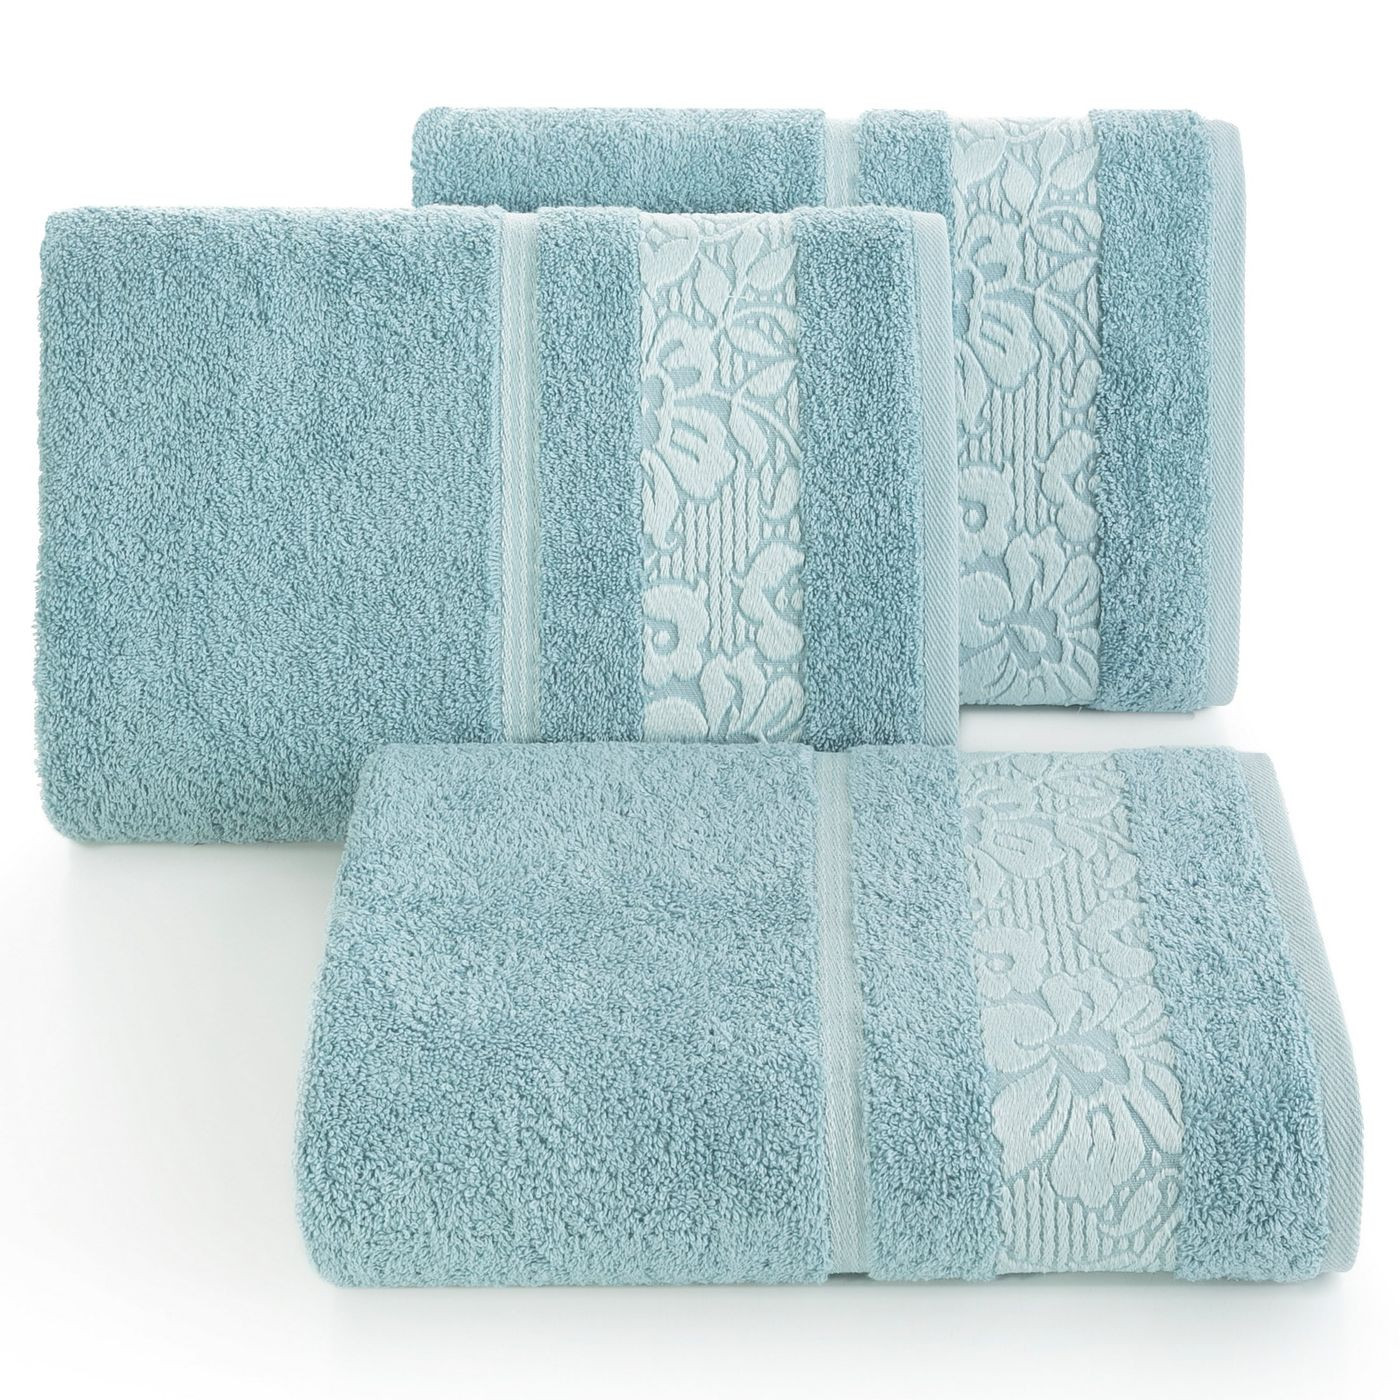 Ręcznik z żakardową bordiurą motyw roślinny jasnoniebieski 70x140 cm